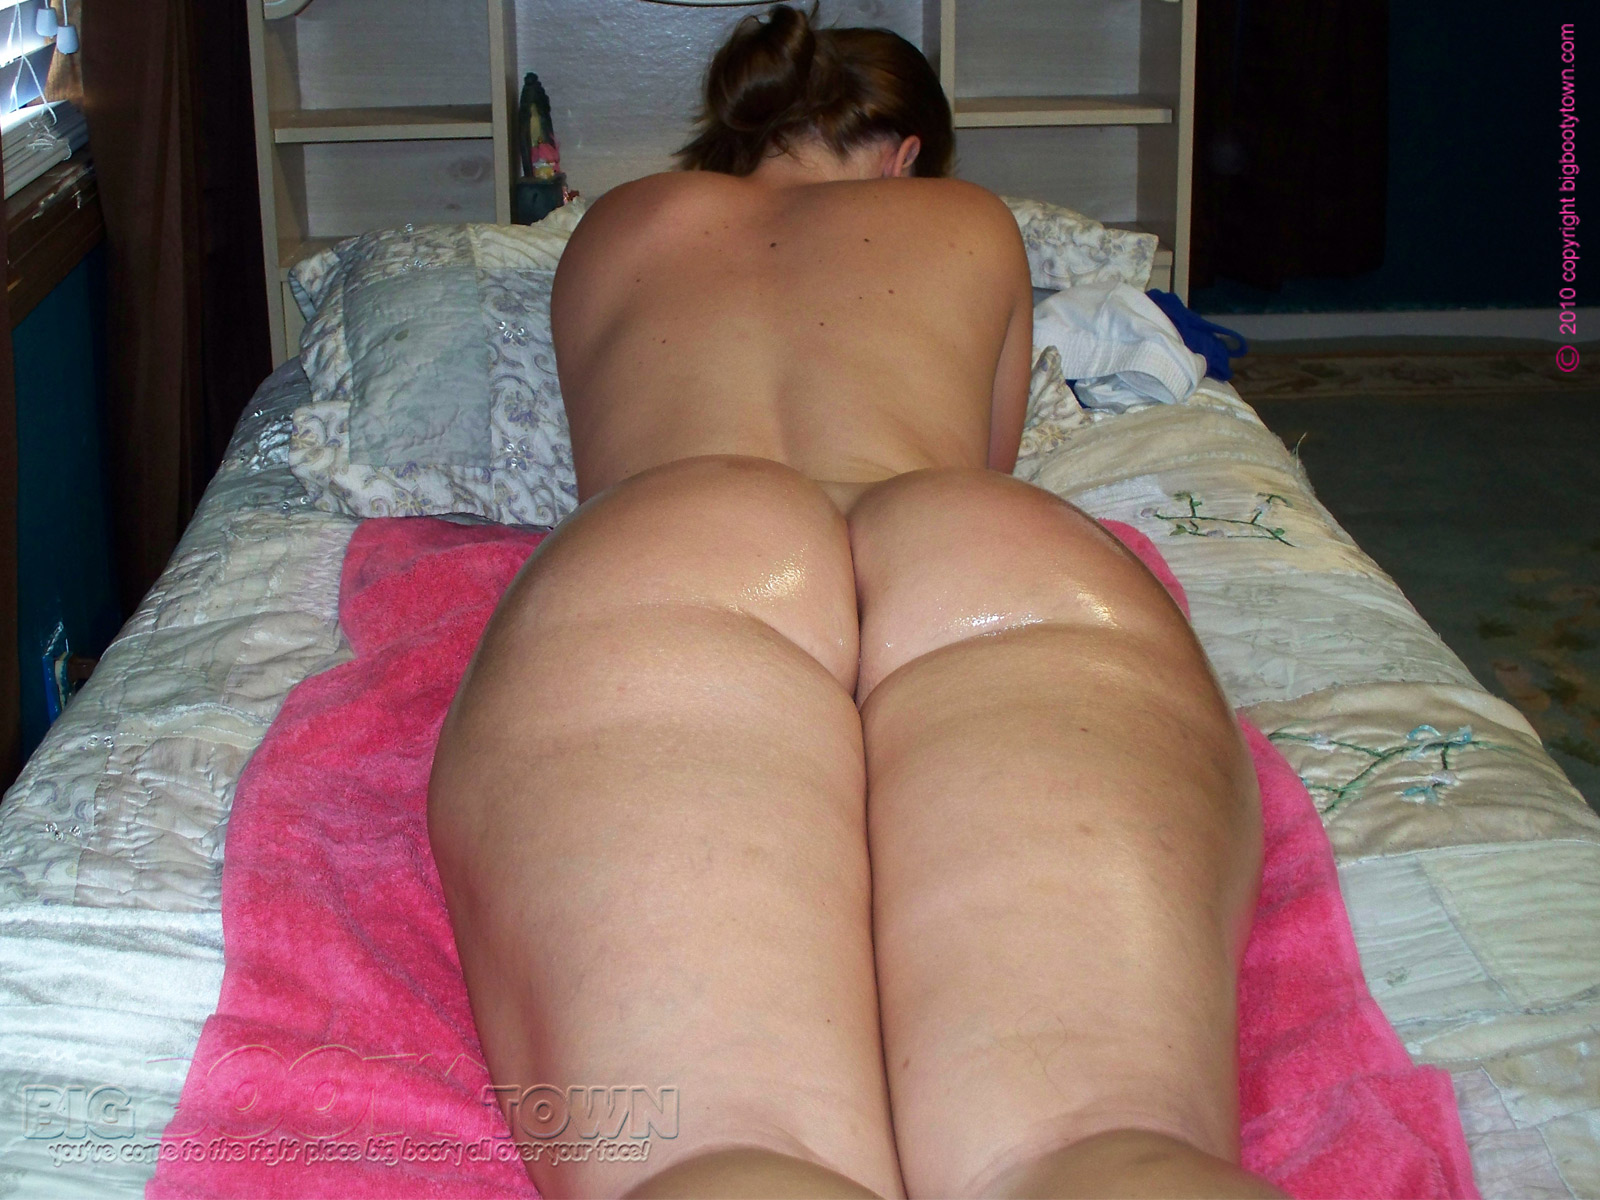 Conocer chica de puerto rico sexo secreto España-27969